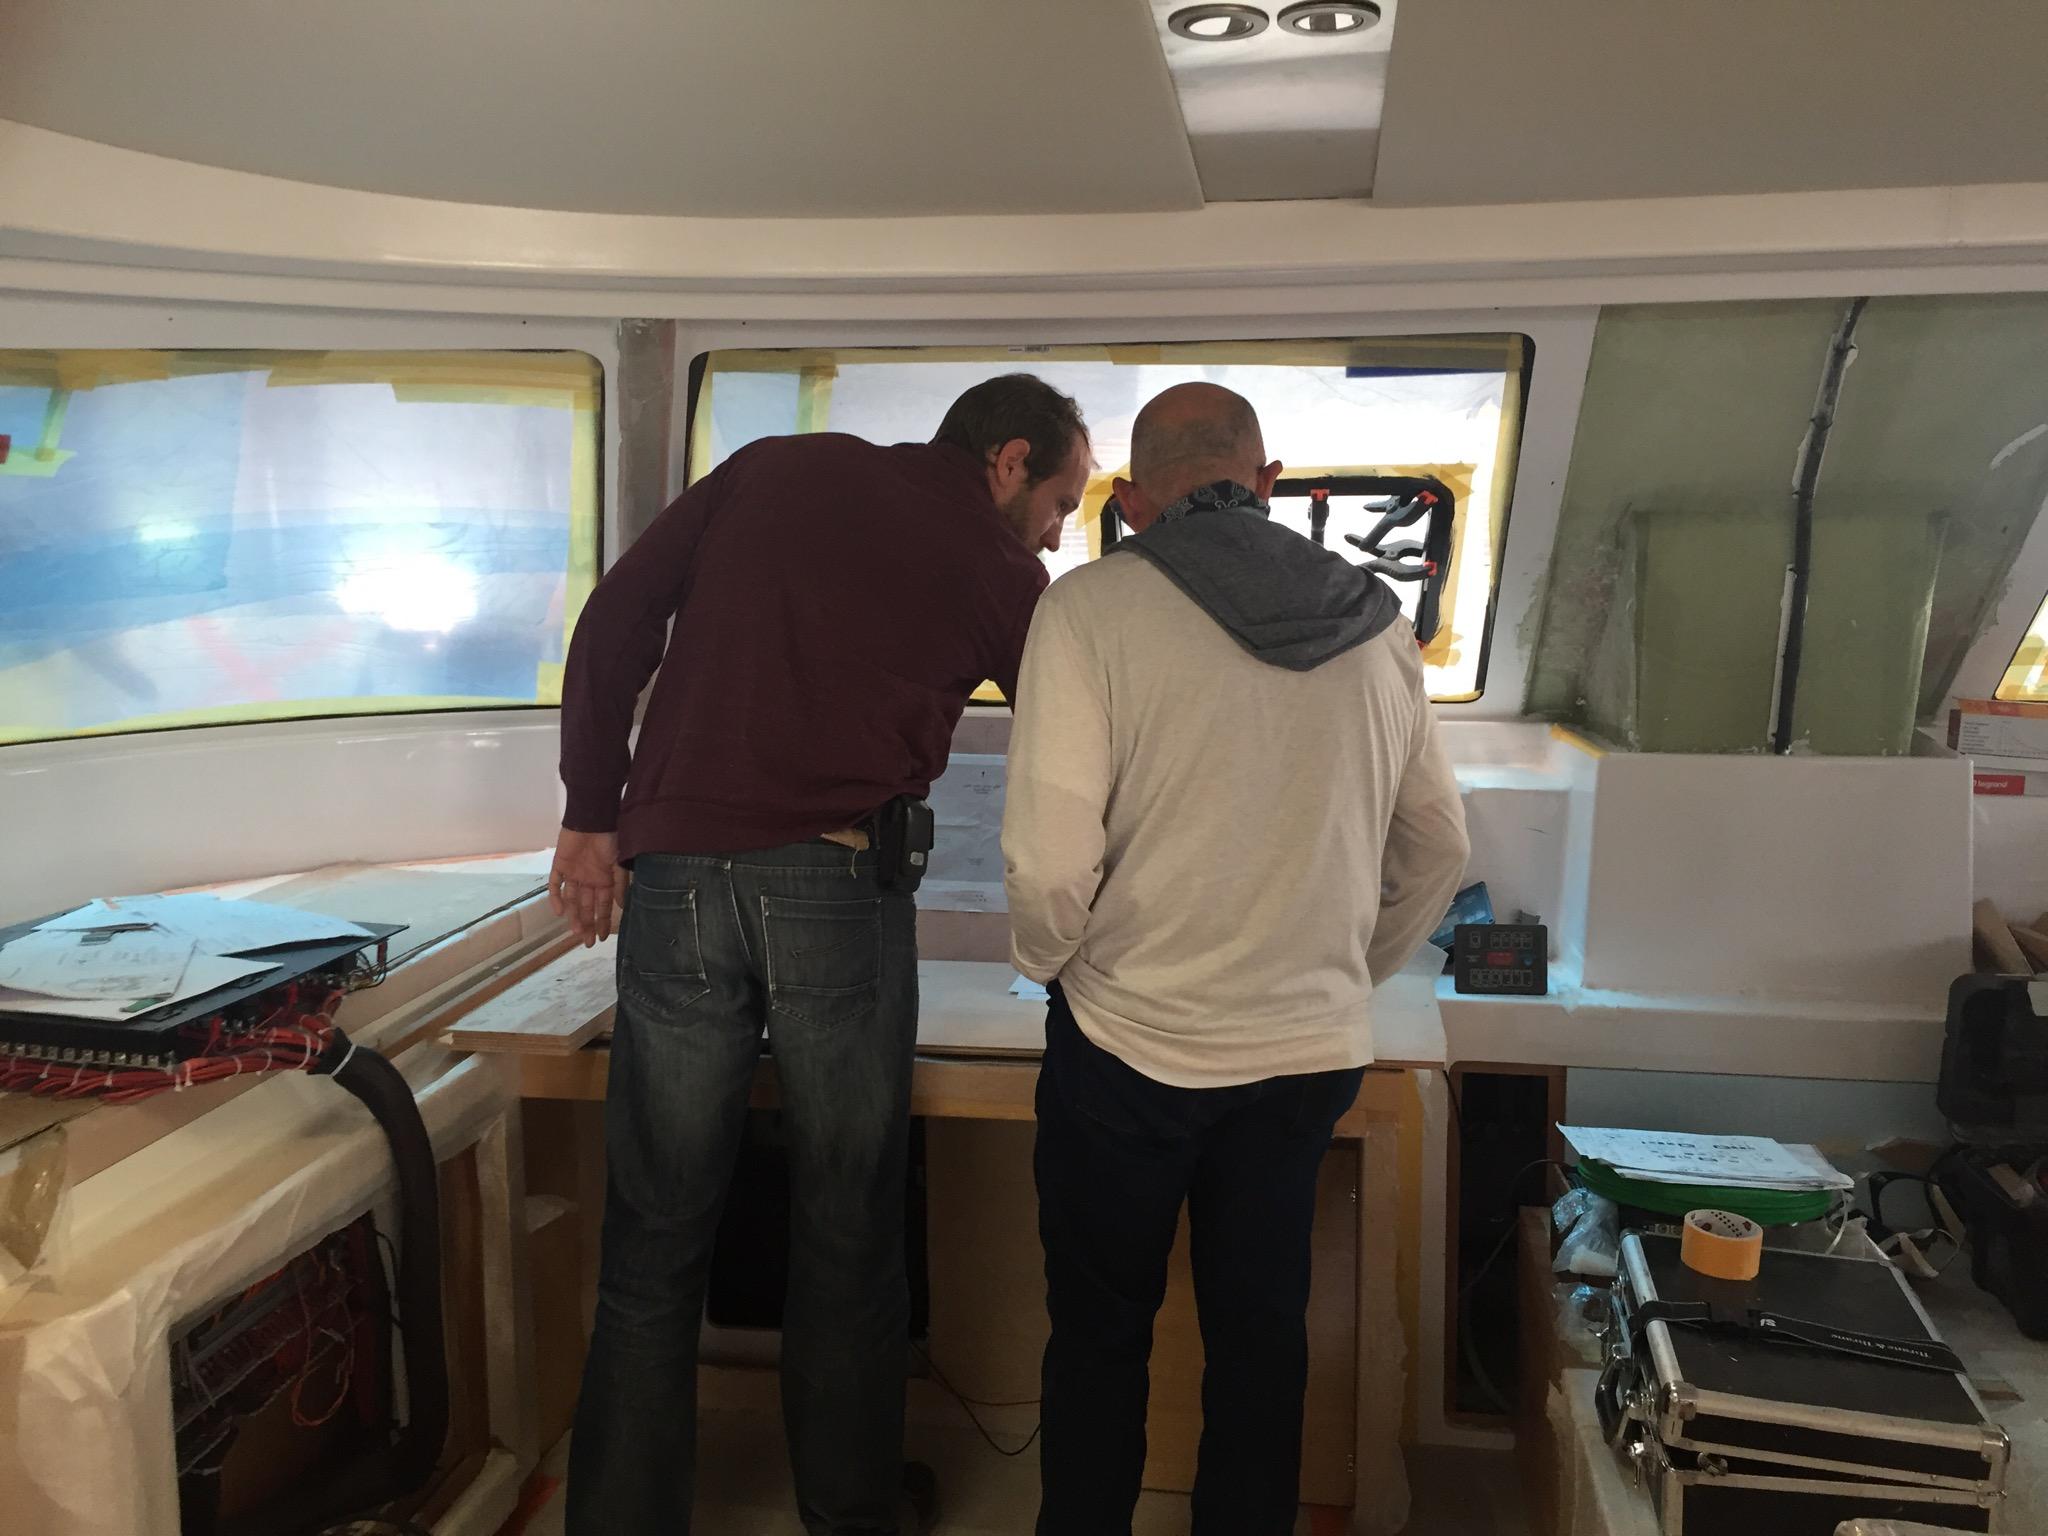 Nautitech firmasında teknık imalat sorumlusu Nicolas Dieuset ile birlikte Mustafa kontrol panosunu gözden geçiriyorlar. Teşekkürler Nicolas!